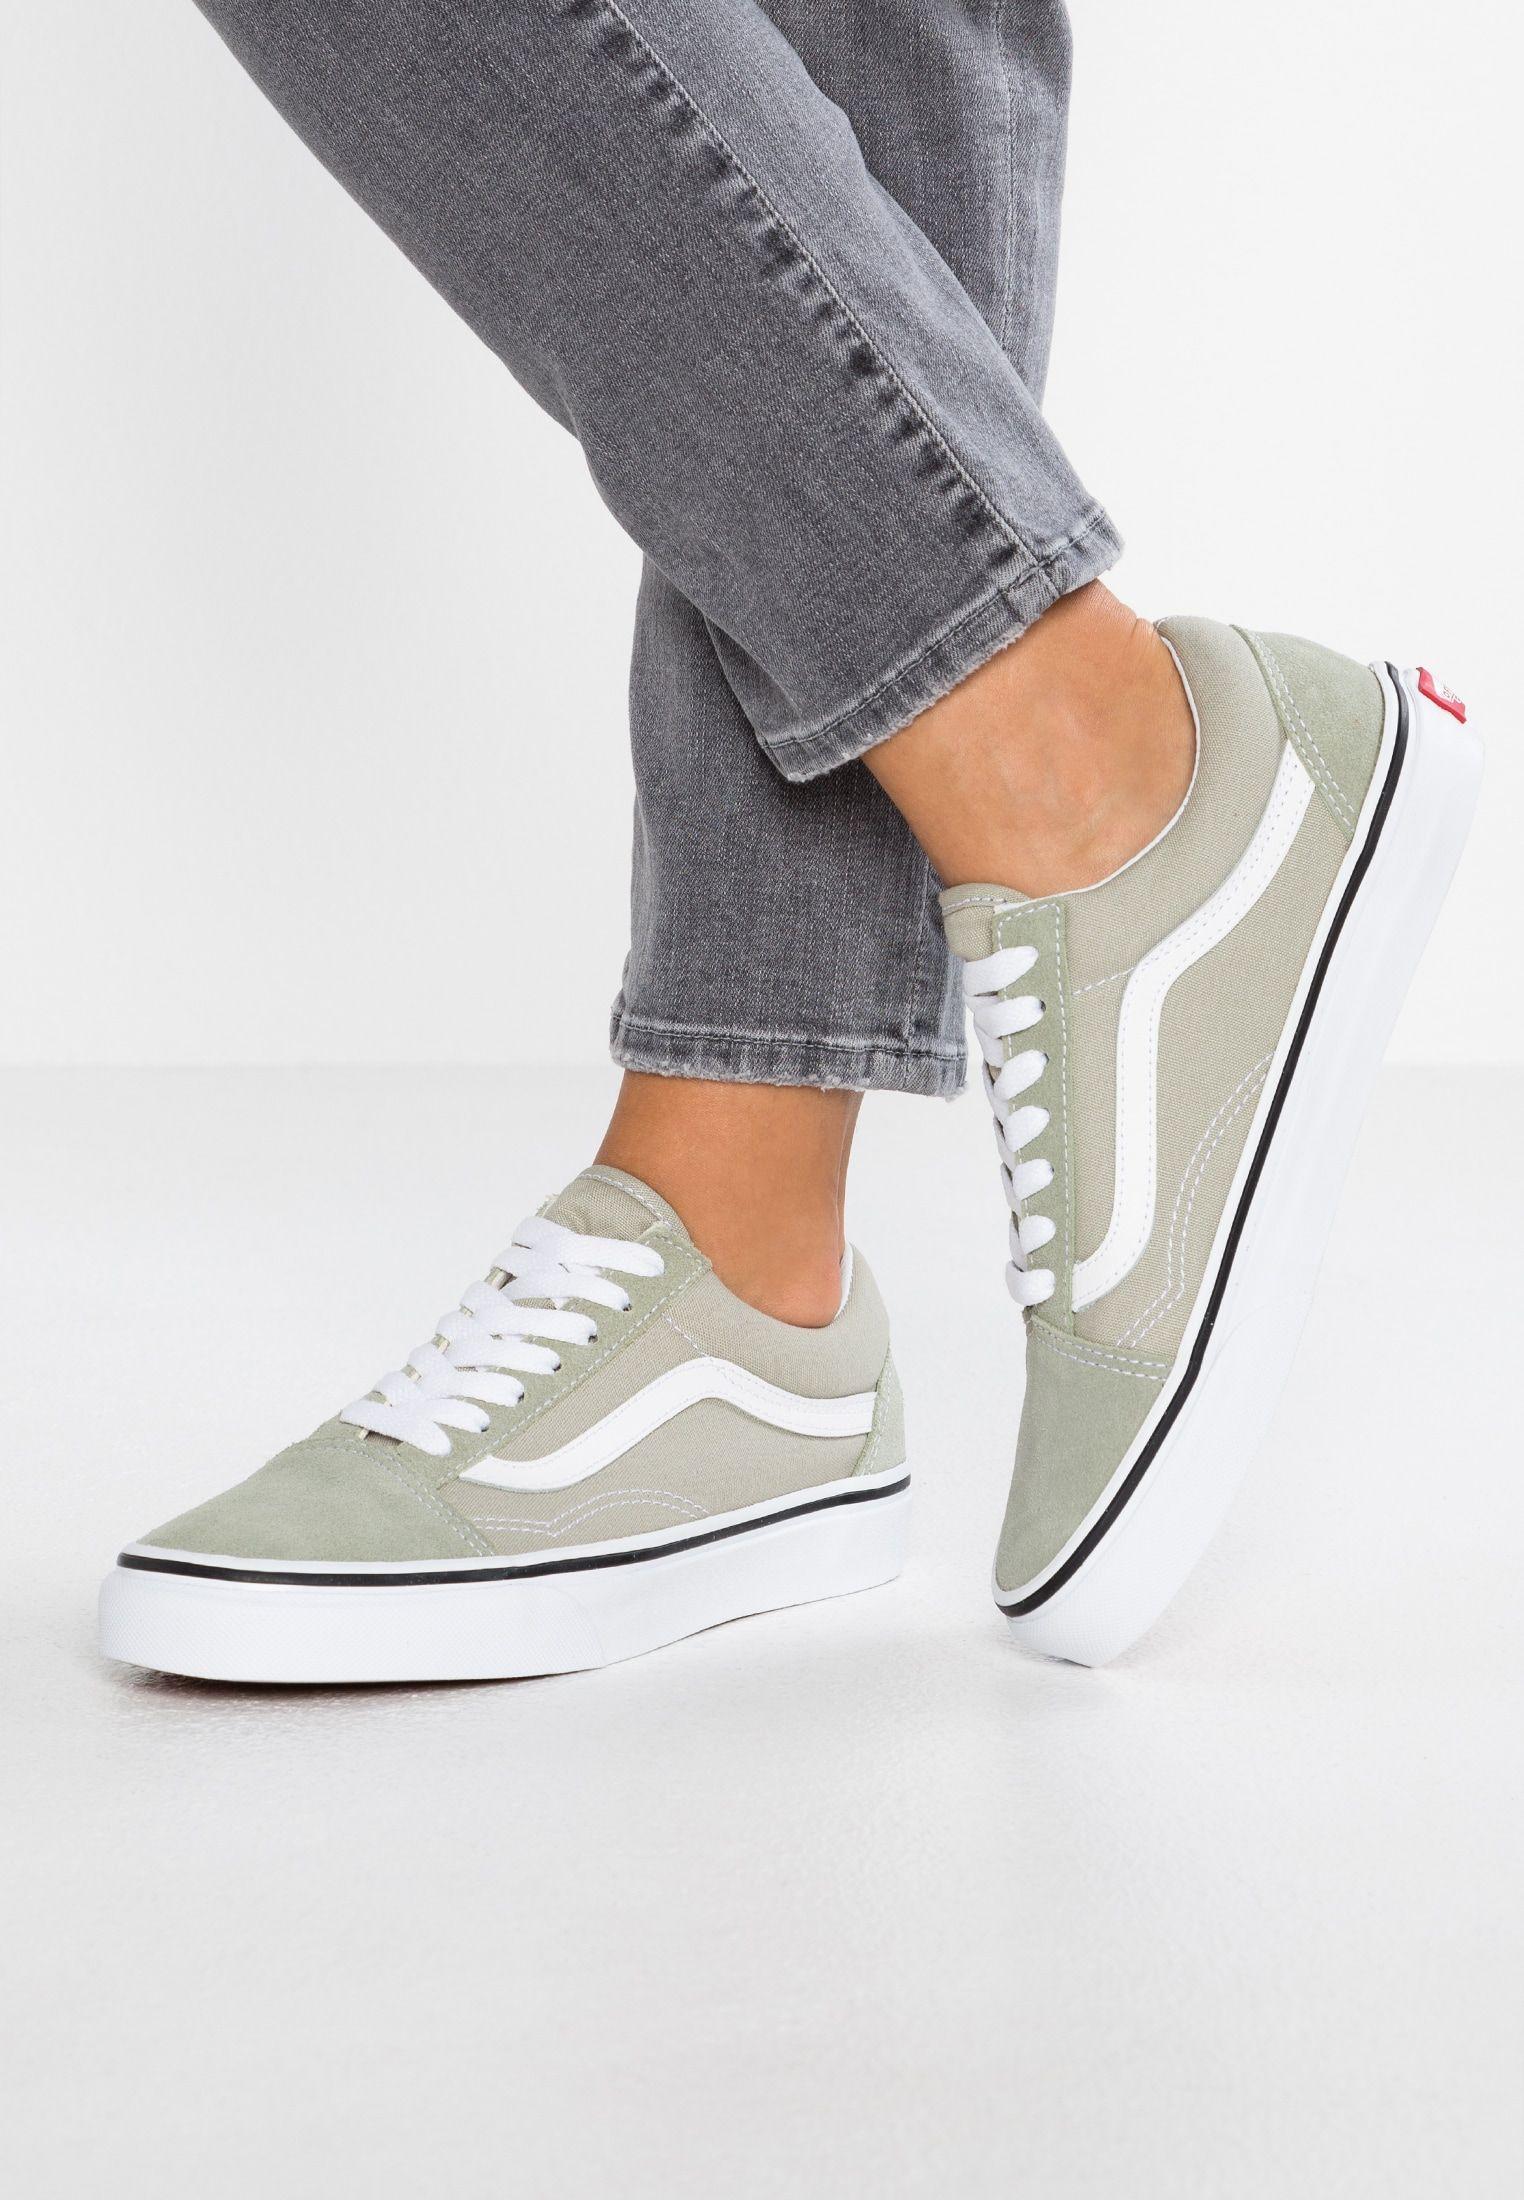 Vans OLD SKOOL Sneaker low desert sagetrue white